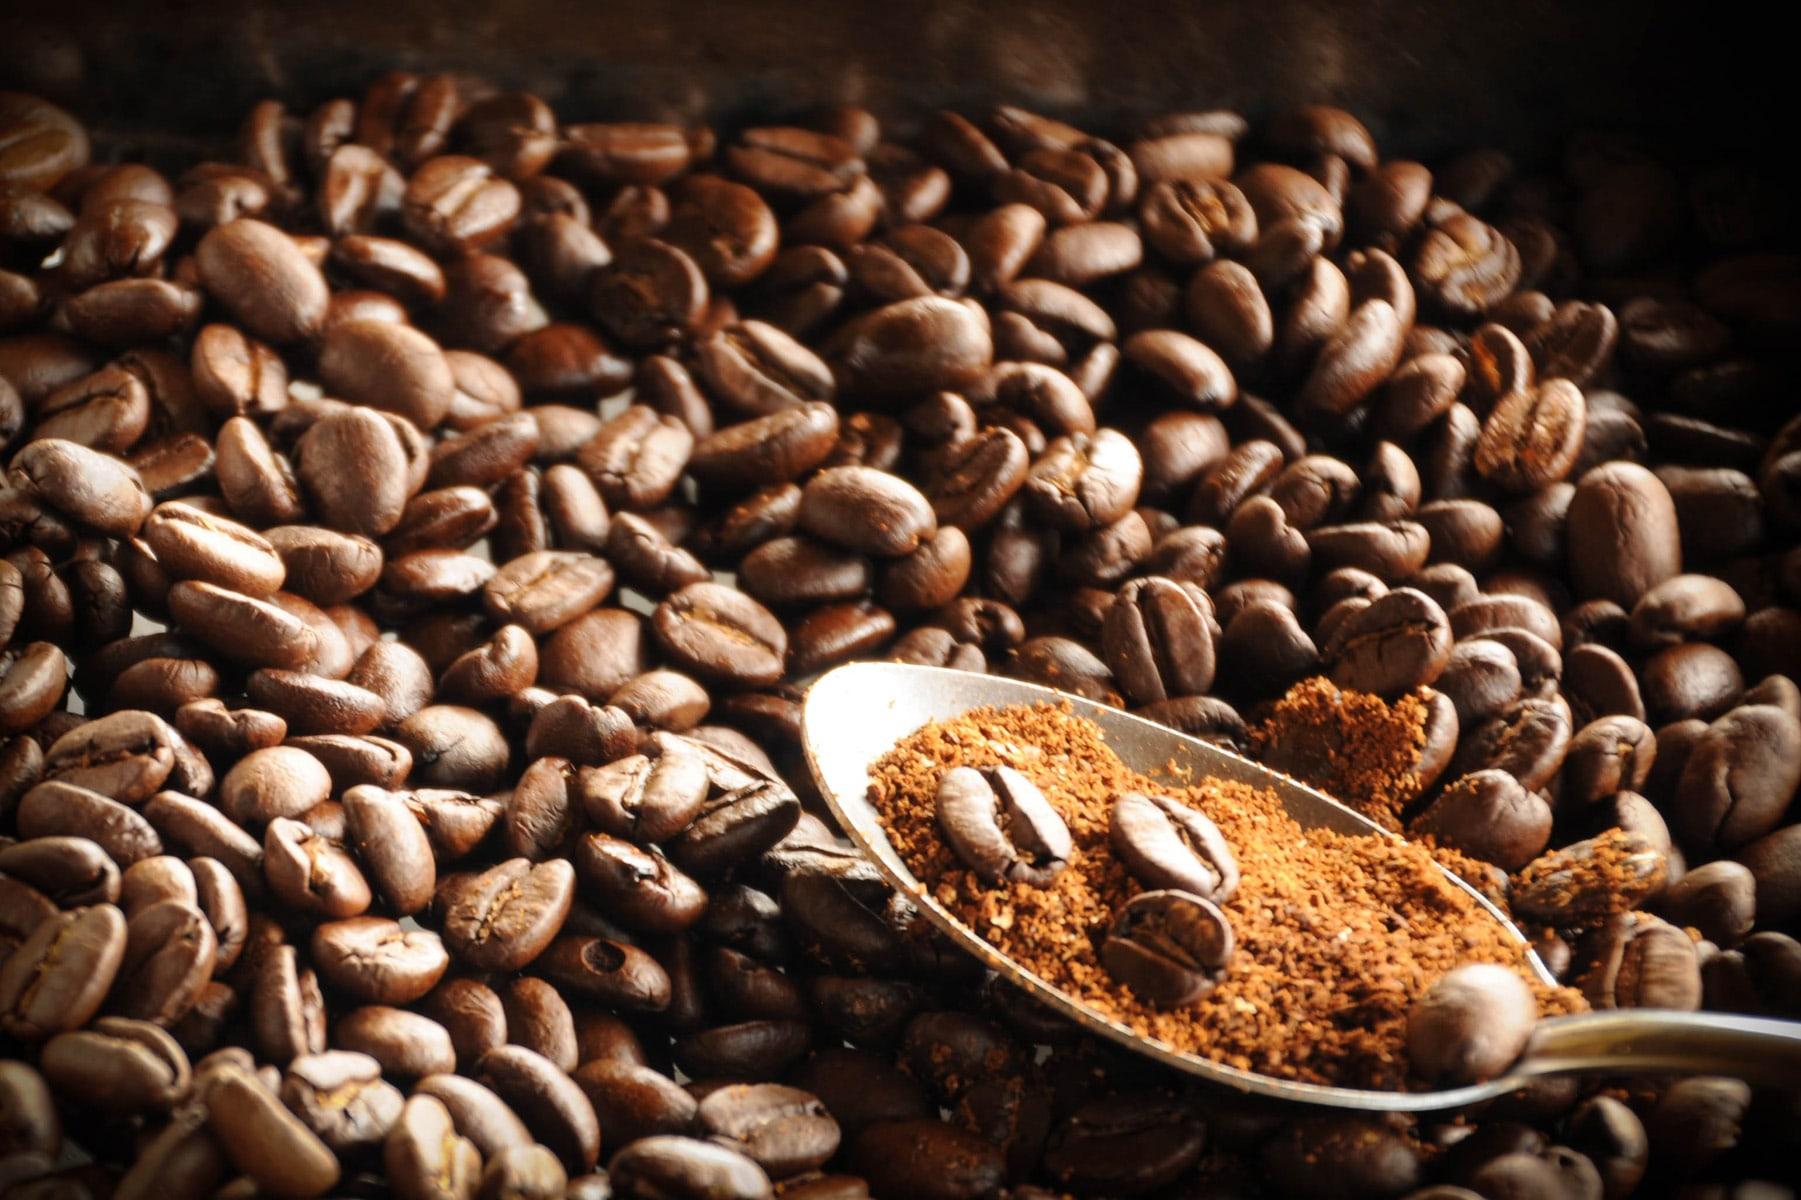 Frischer Kaffee Rösterei Bohnenschmiede